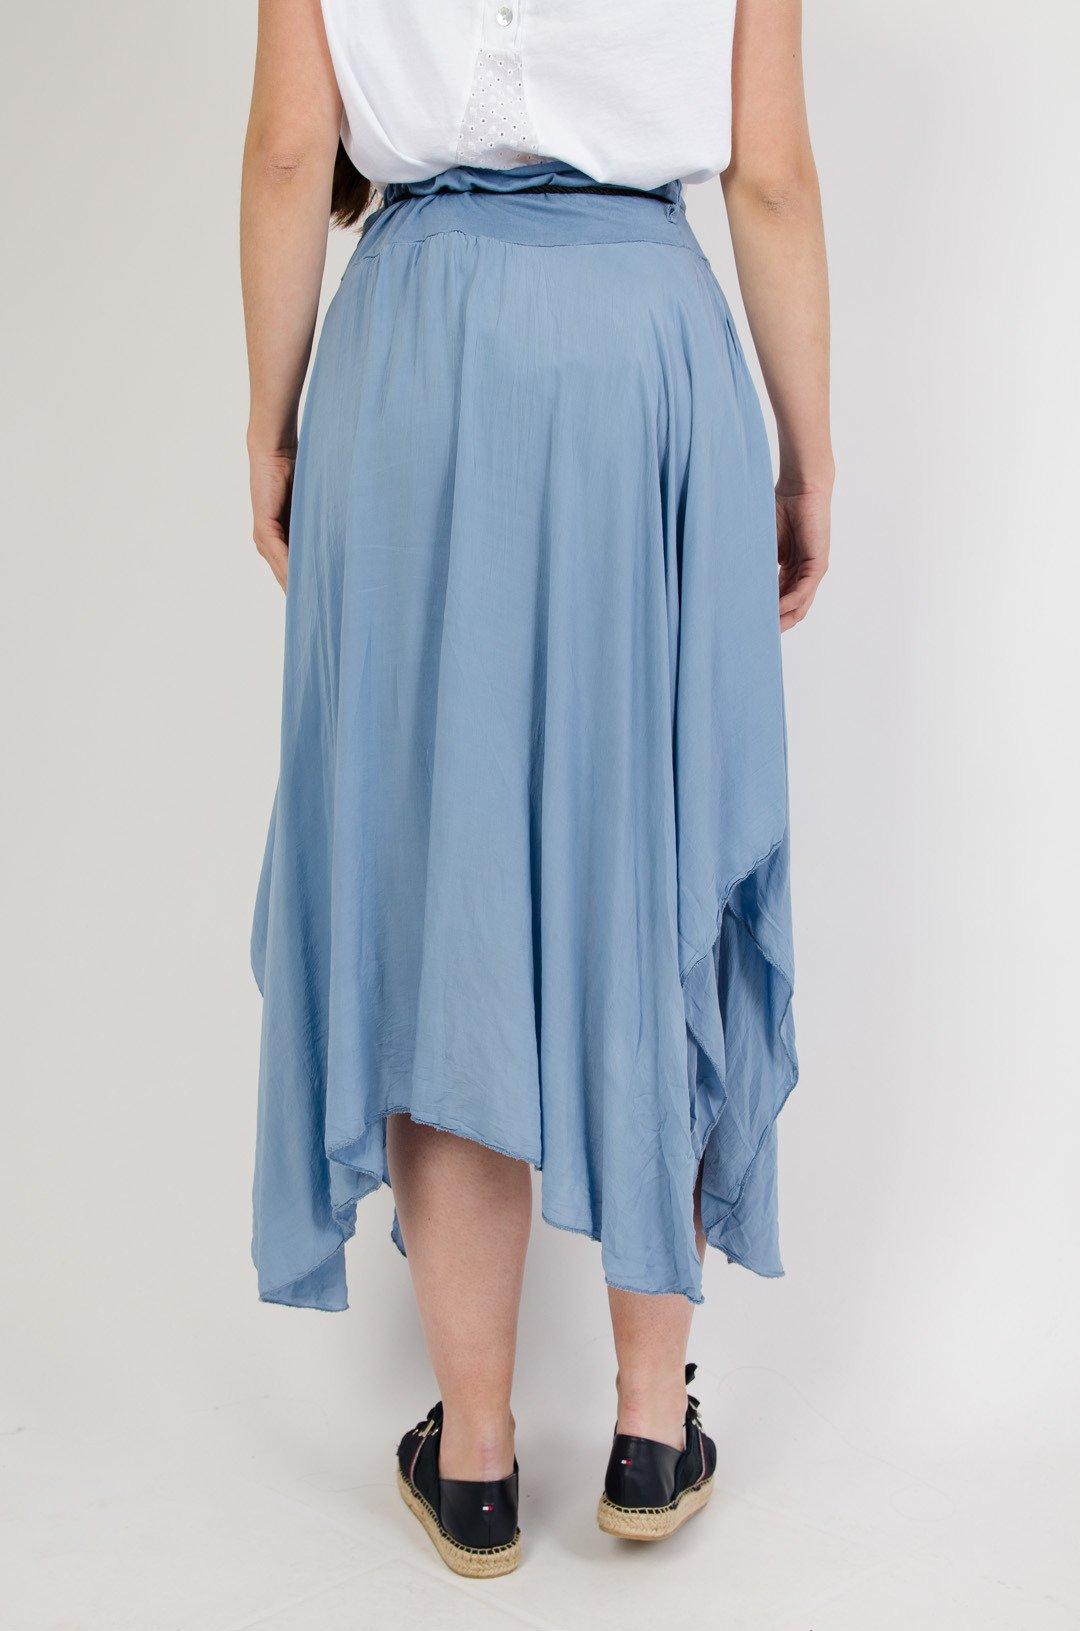 5b84acc868 Długa asymetryczna spódnica z wycięciem+ pasek niebieski